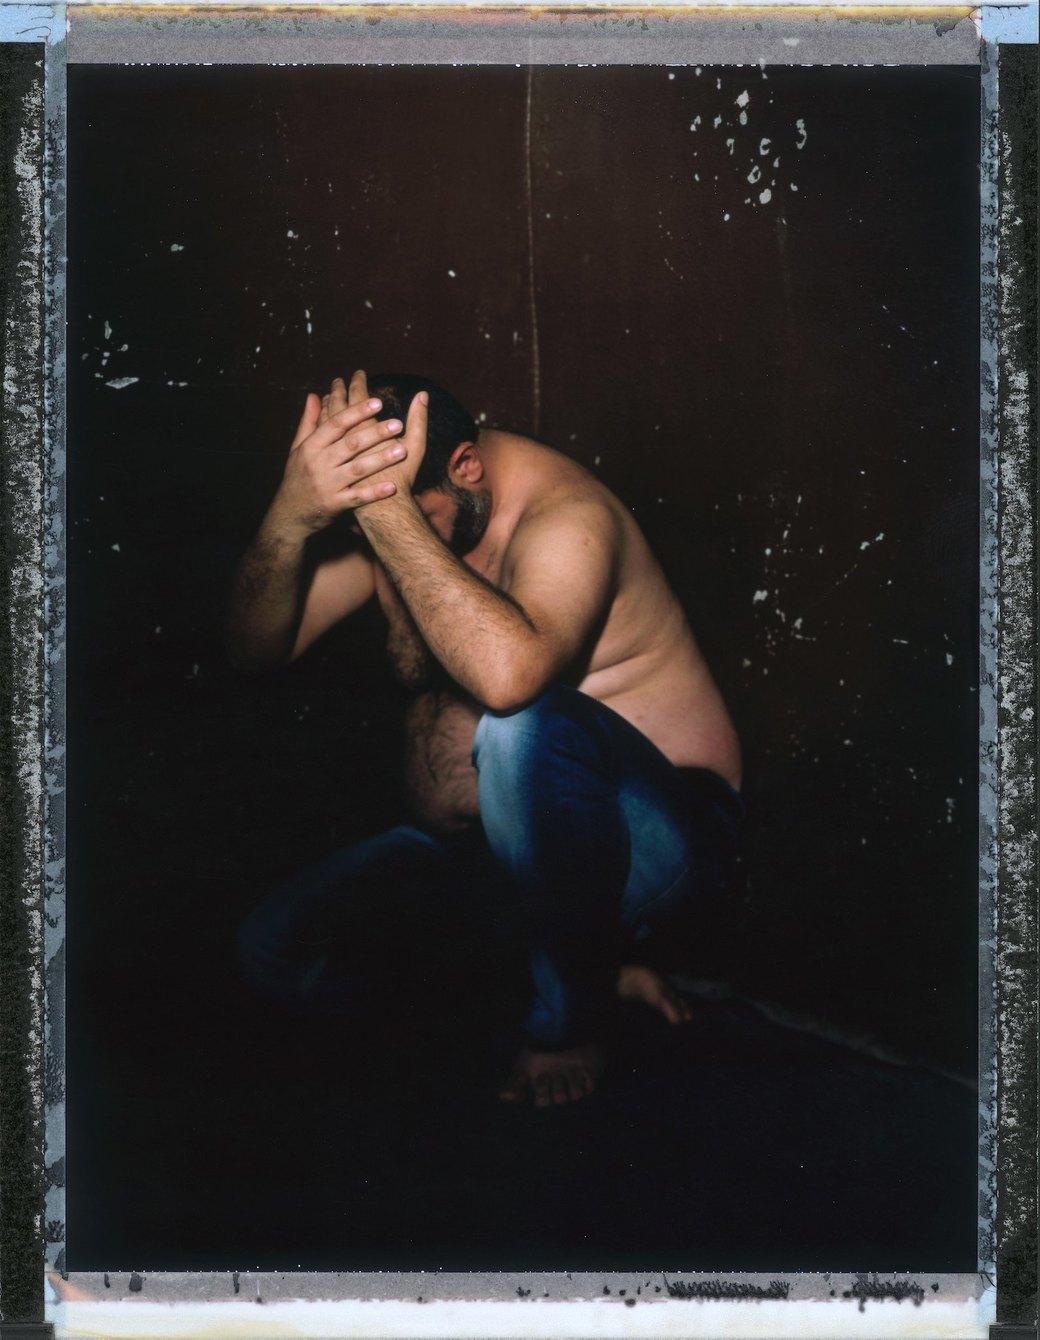 «Меня избивали всем участком с 11 вечера и до 6 утра»: Как преследуют ЛГБТ в странах третьего мира. Изображение № 7.